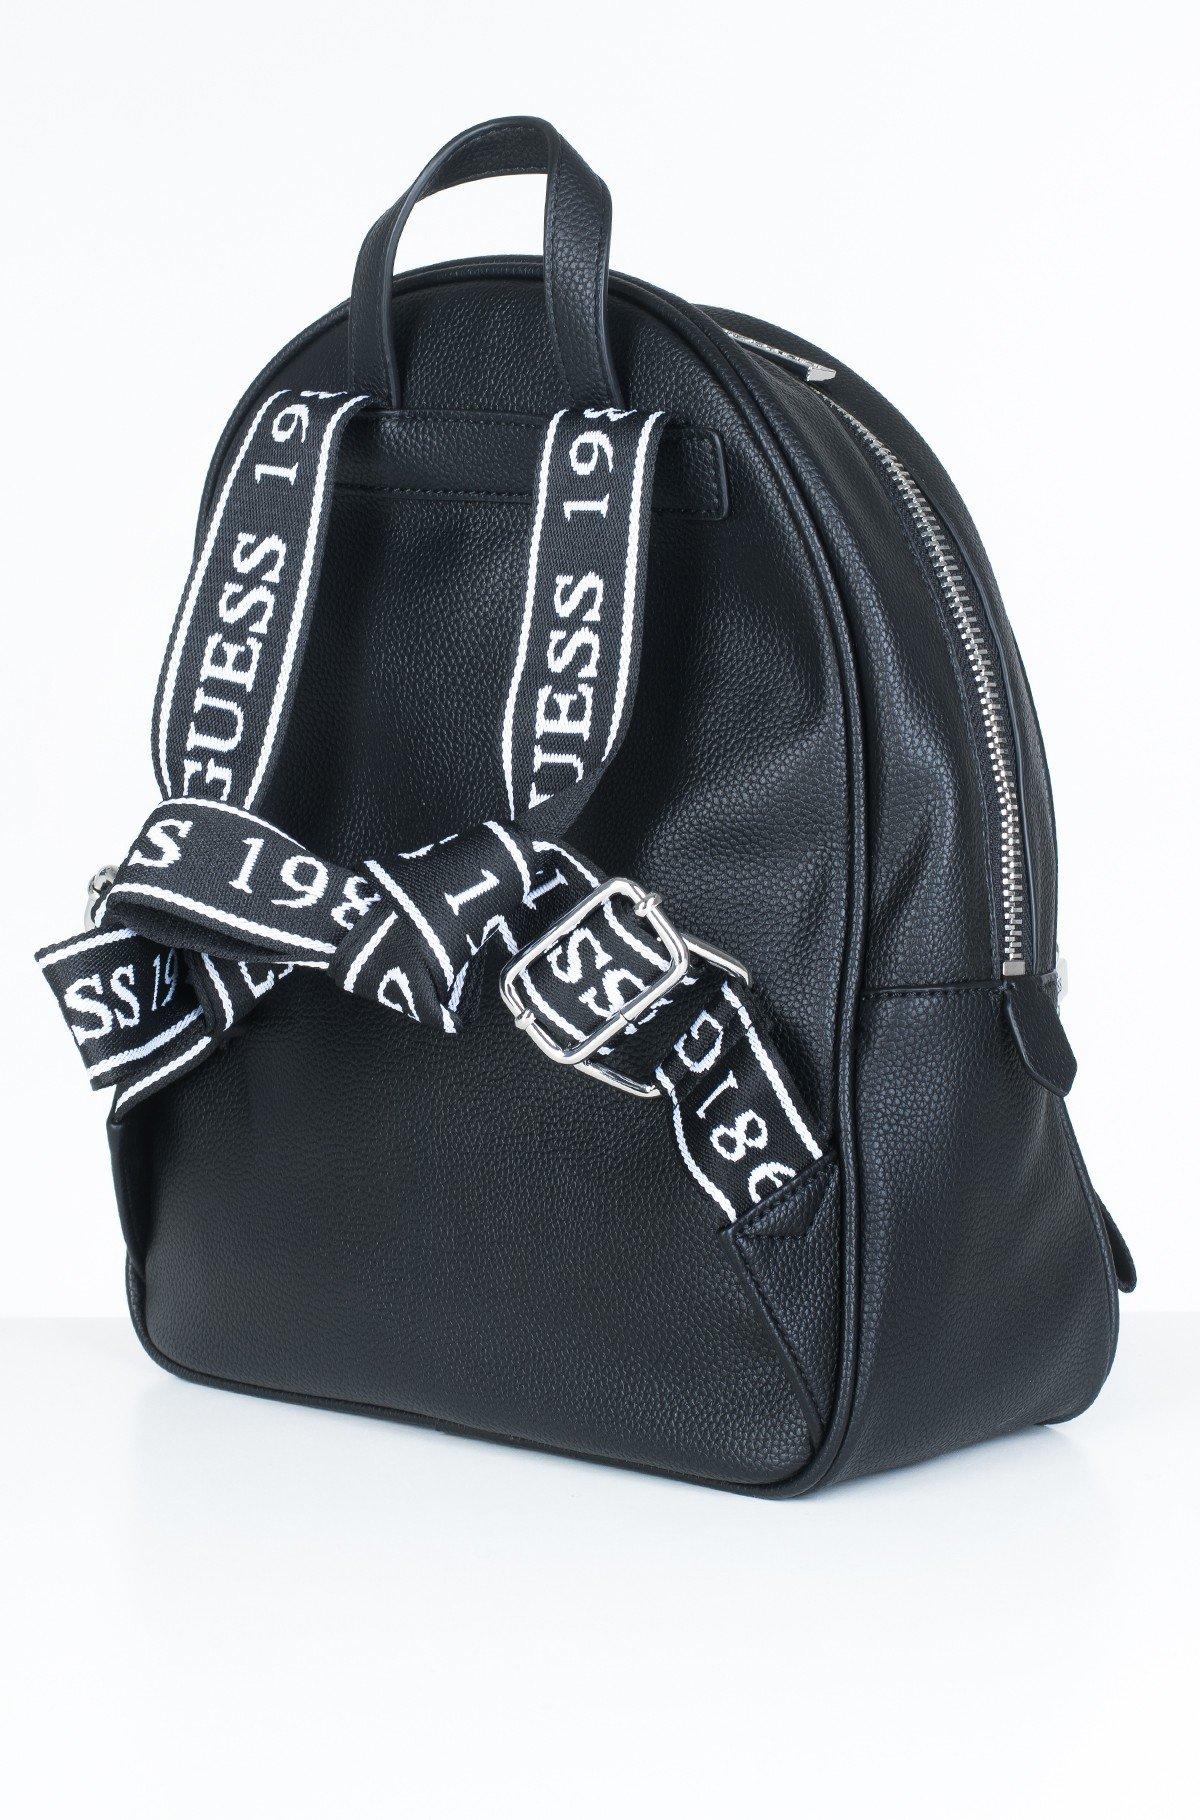 Backbag HWGG75 86330-full-2